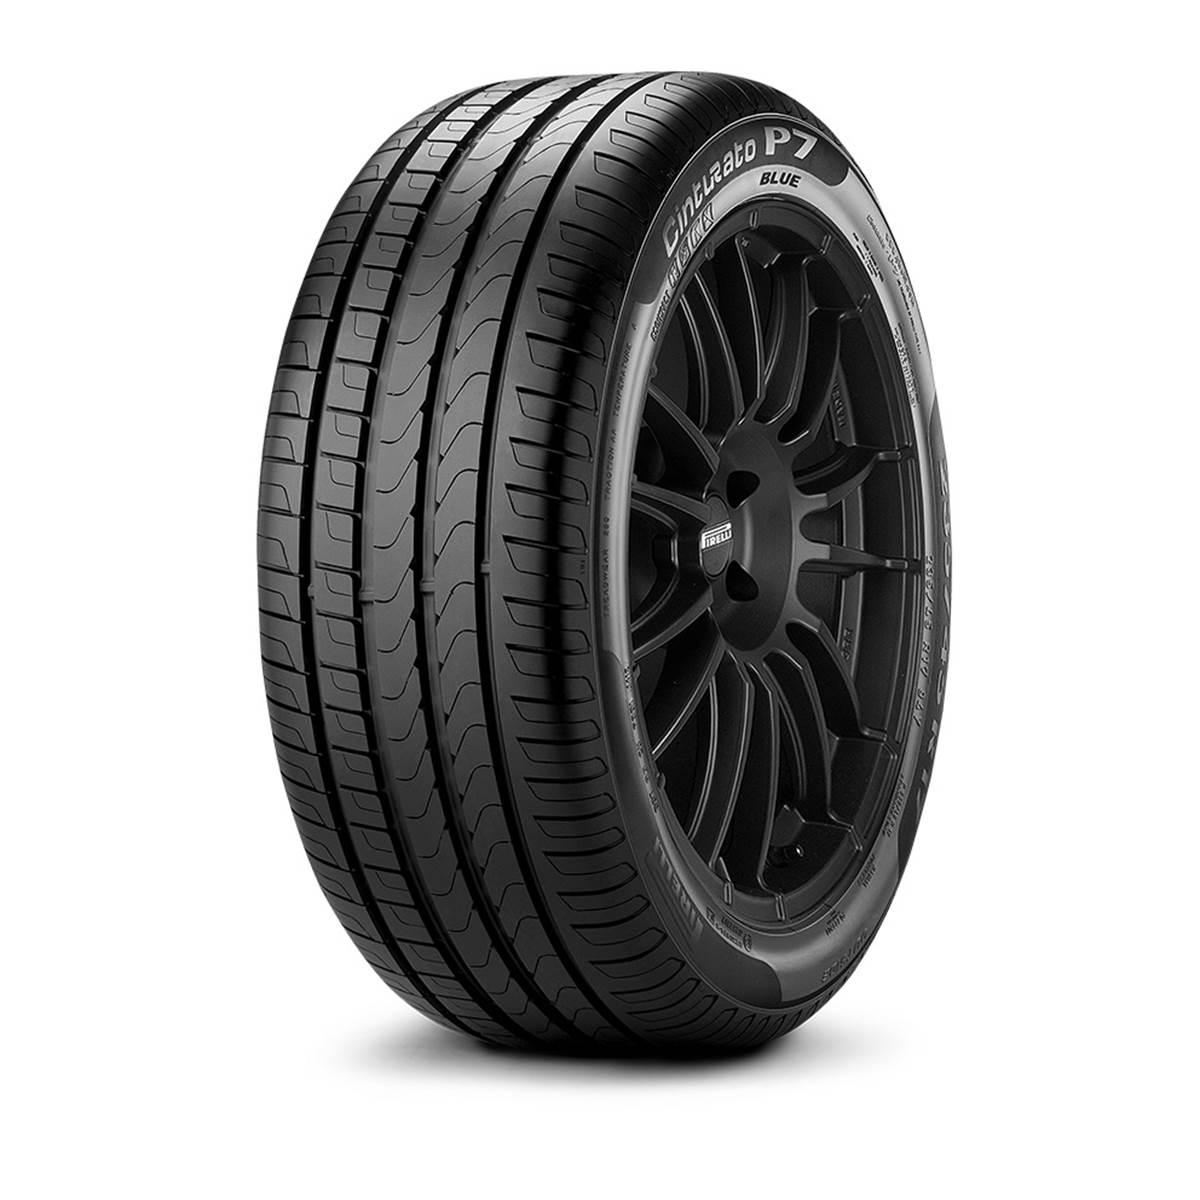 Pneu Pirelli 225/50R17 98Y Cinturato P7 Blue XL